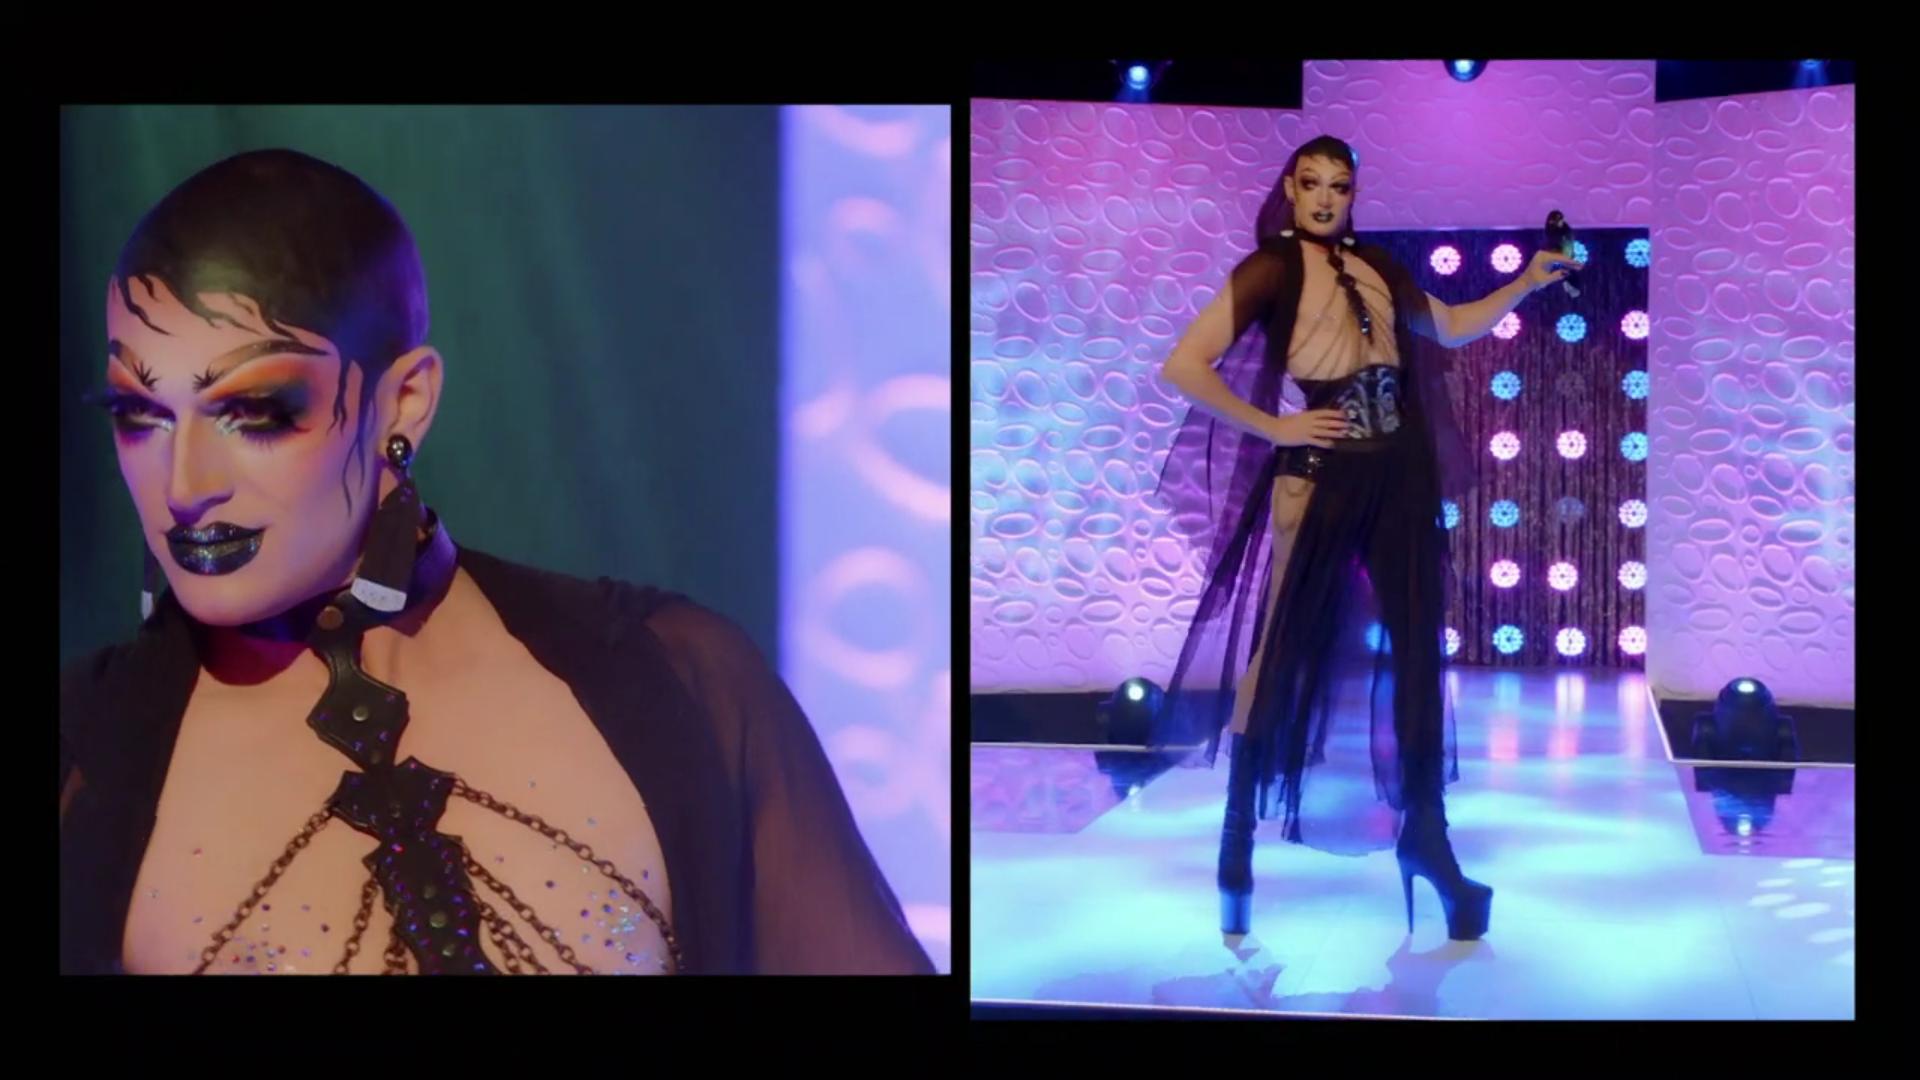 Cena do reality Drag Race Down Under. Na imagem vemos duas fotos da competidora Elektra Shock enquanto ela desfila na passarela. Ela veste uma roupa preta de tecidos de tule caídos e tem o peito a mostra. Sua cabeça careca foi pintada de forma a parecer uma peruca preta. Ela usa salto agulha.